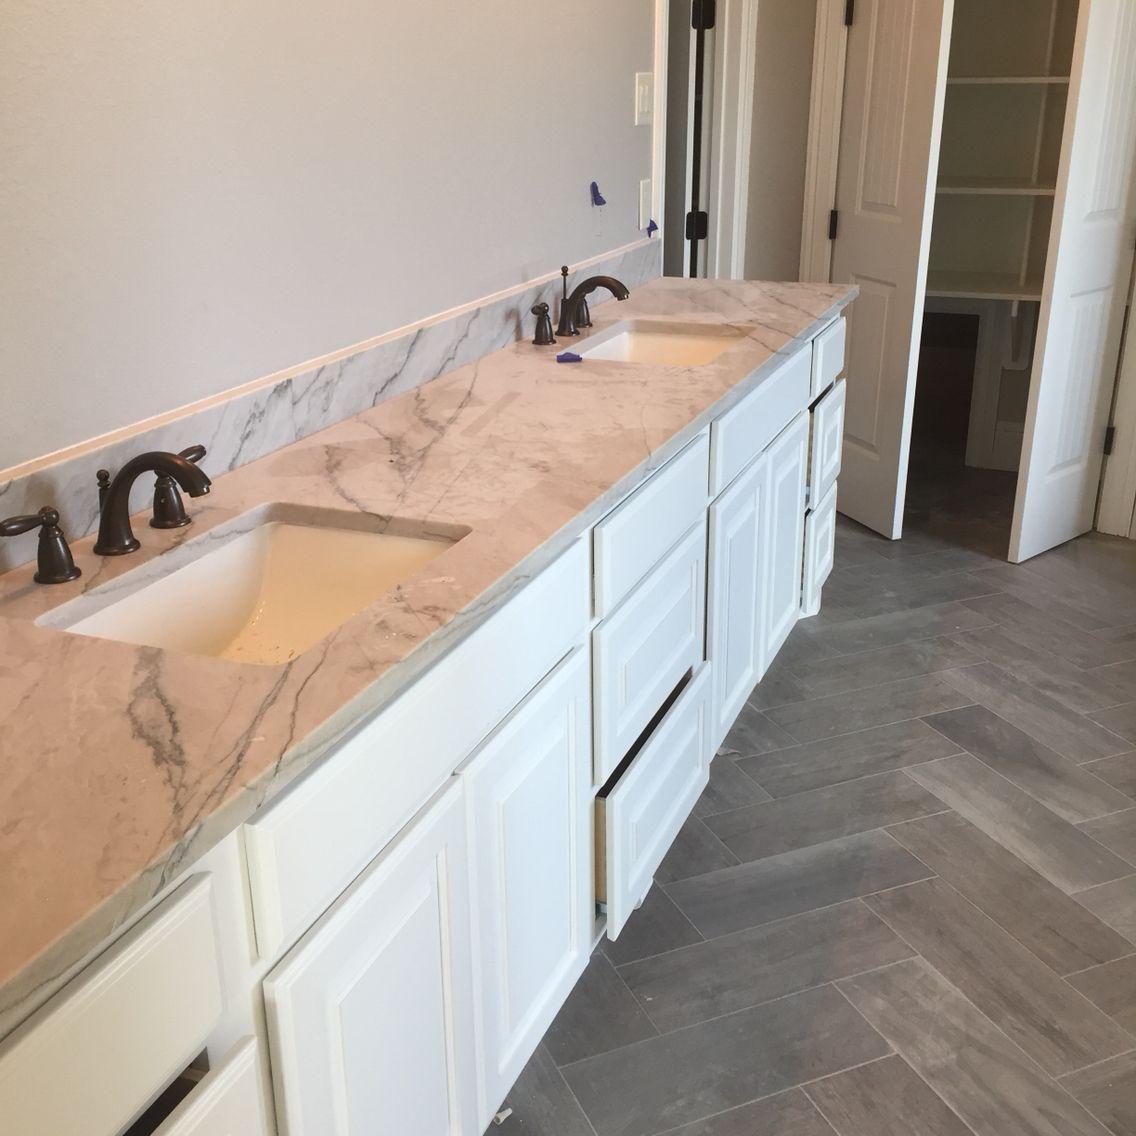 Calcutta Quartzite In Master Bathroom. Beautiful Gray And Cream Undertones  To Provide Contrast With The